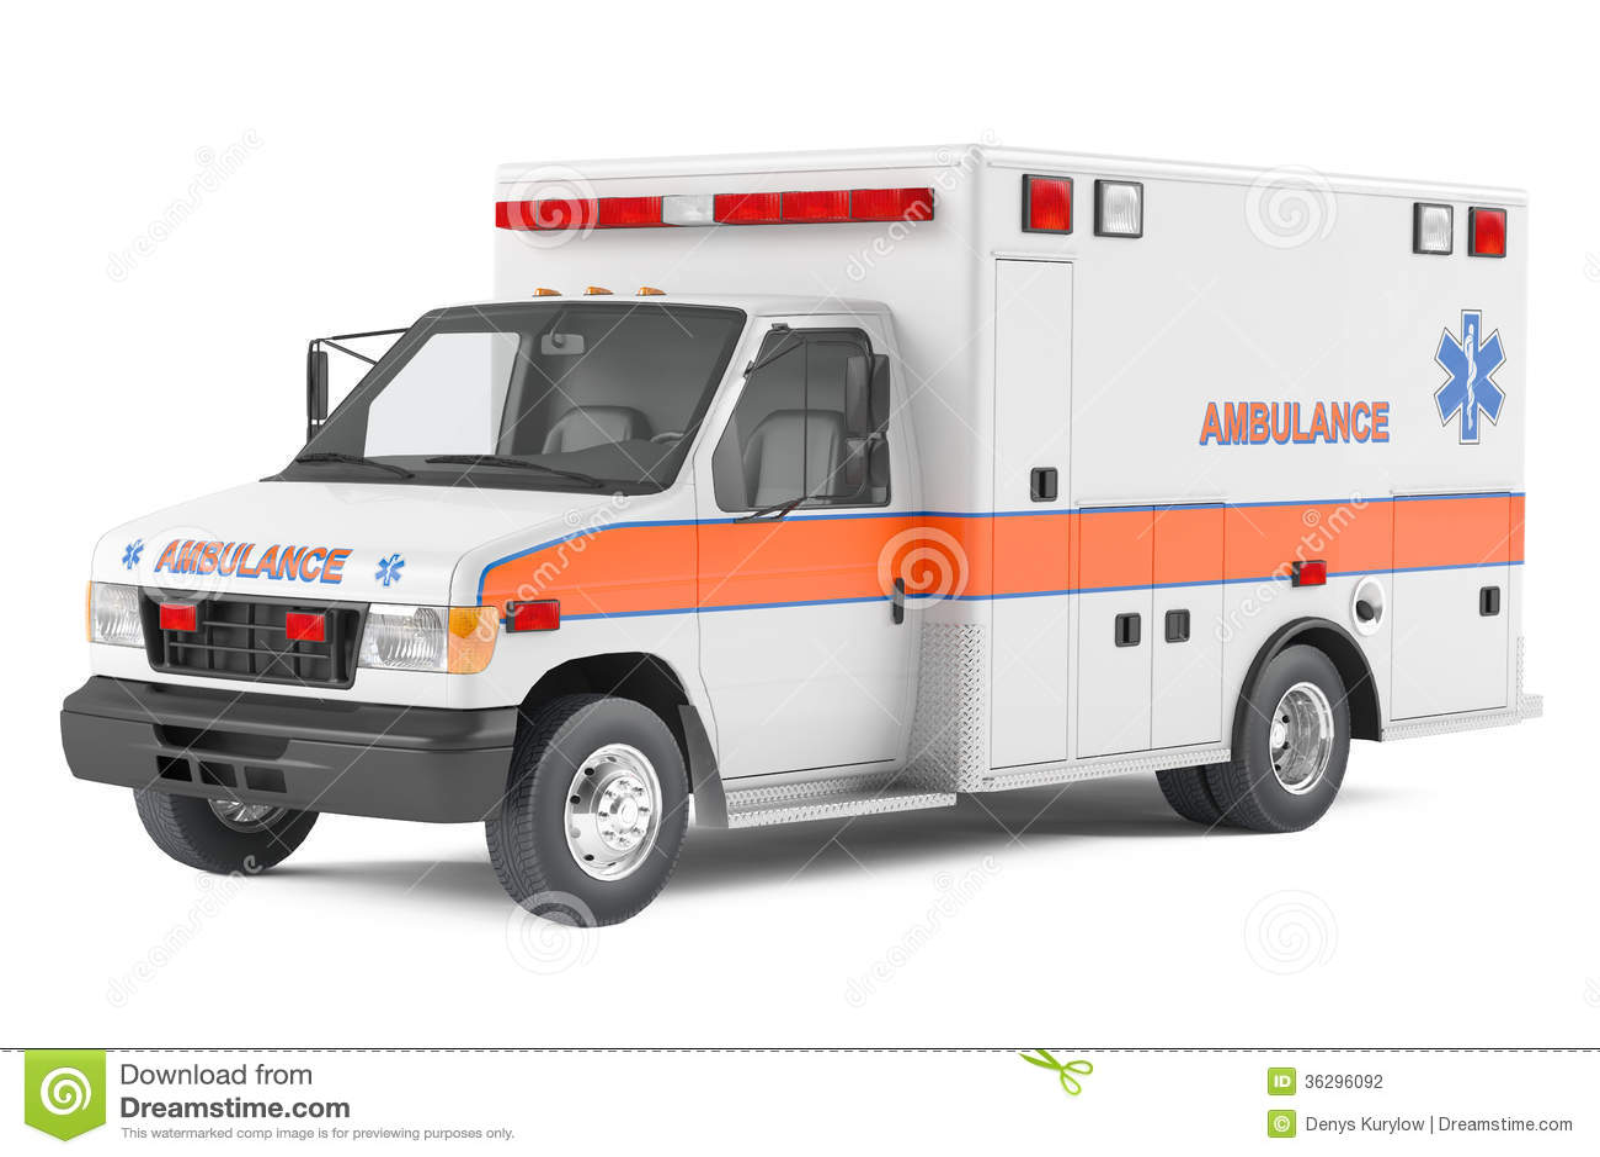 Ambulance Car Stock Photography - Image: 36296092